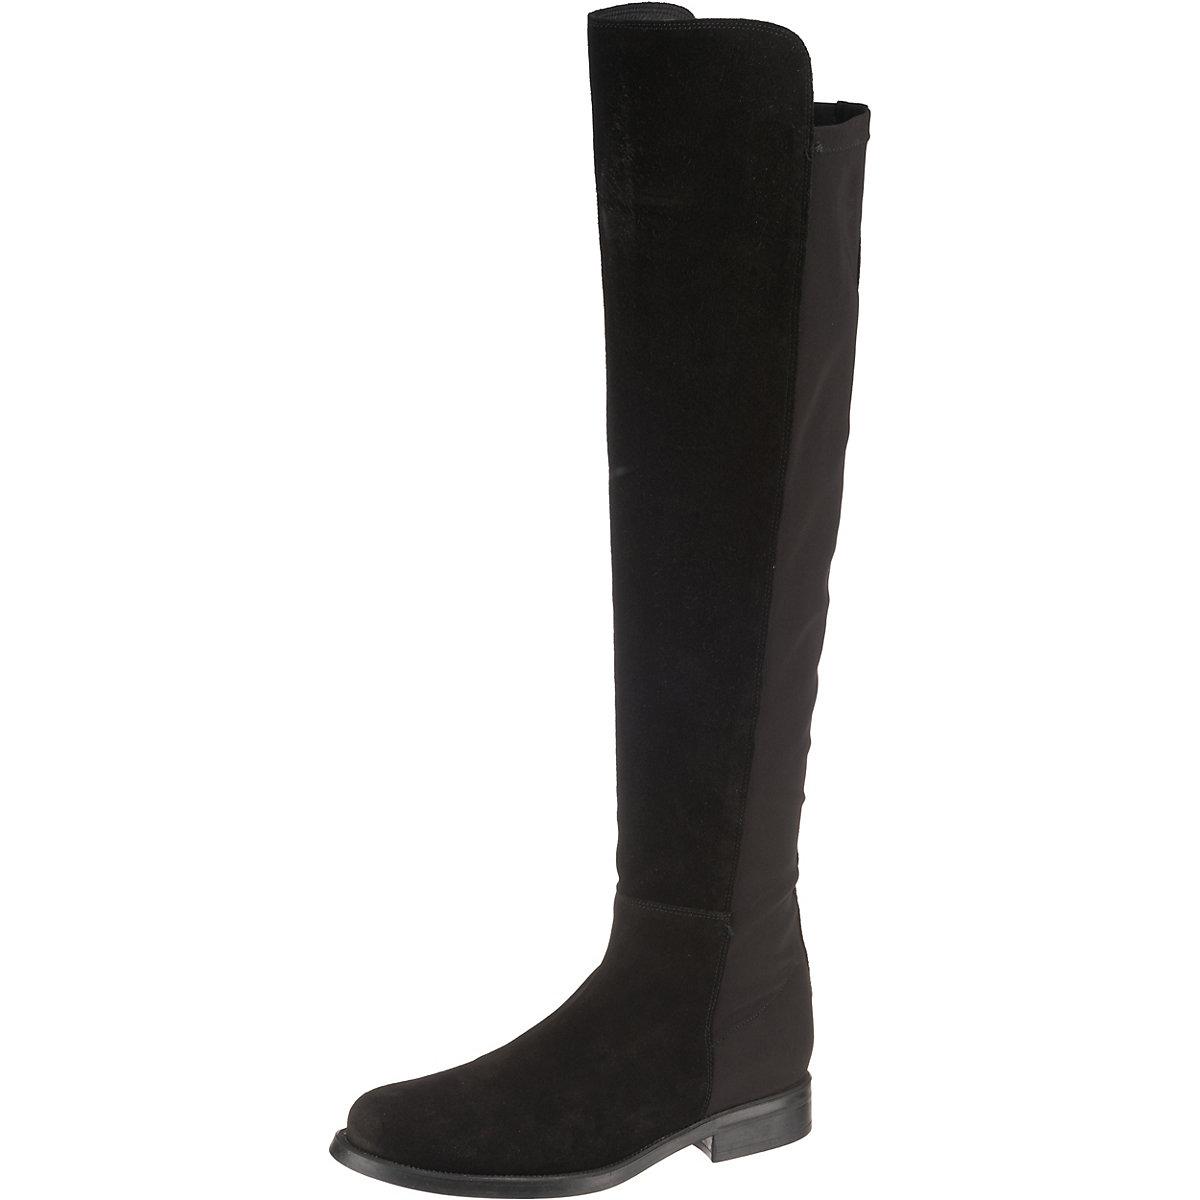 JOLANA & FENENA, JOHN Overknee-Stiefel, schwarz  Gute Qualität beliebte Schuhe